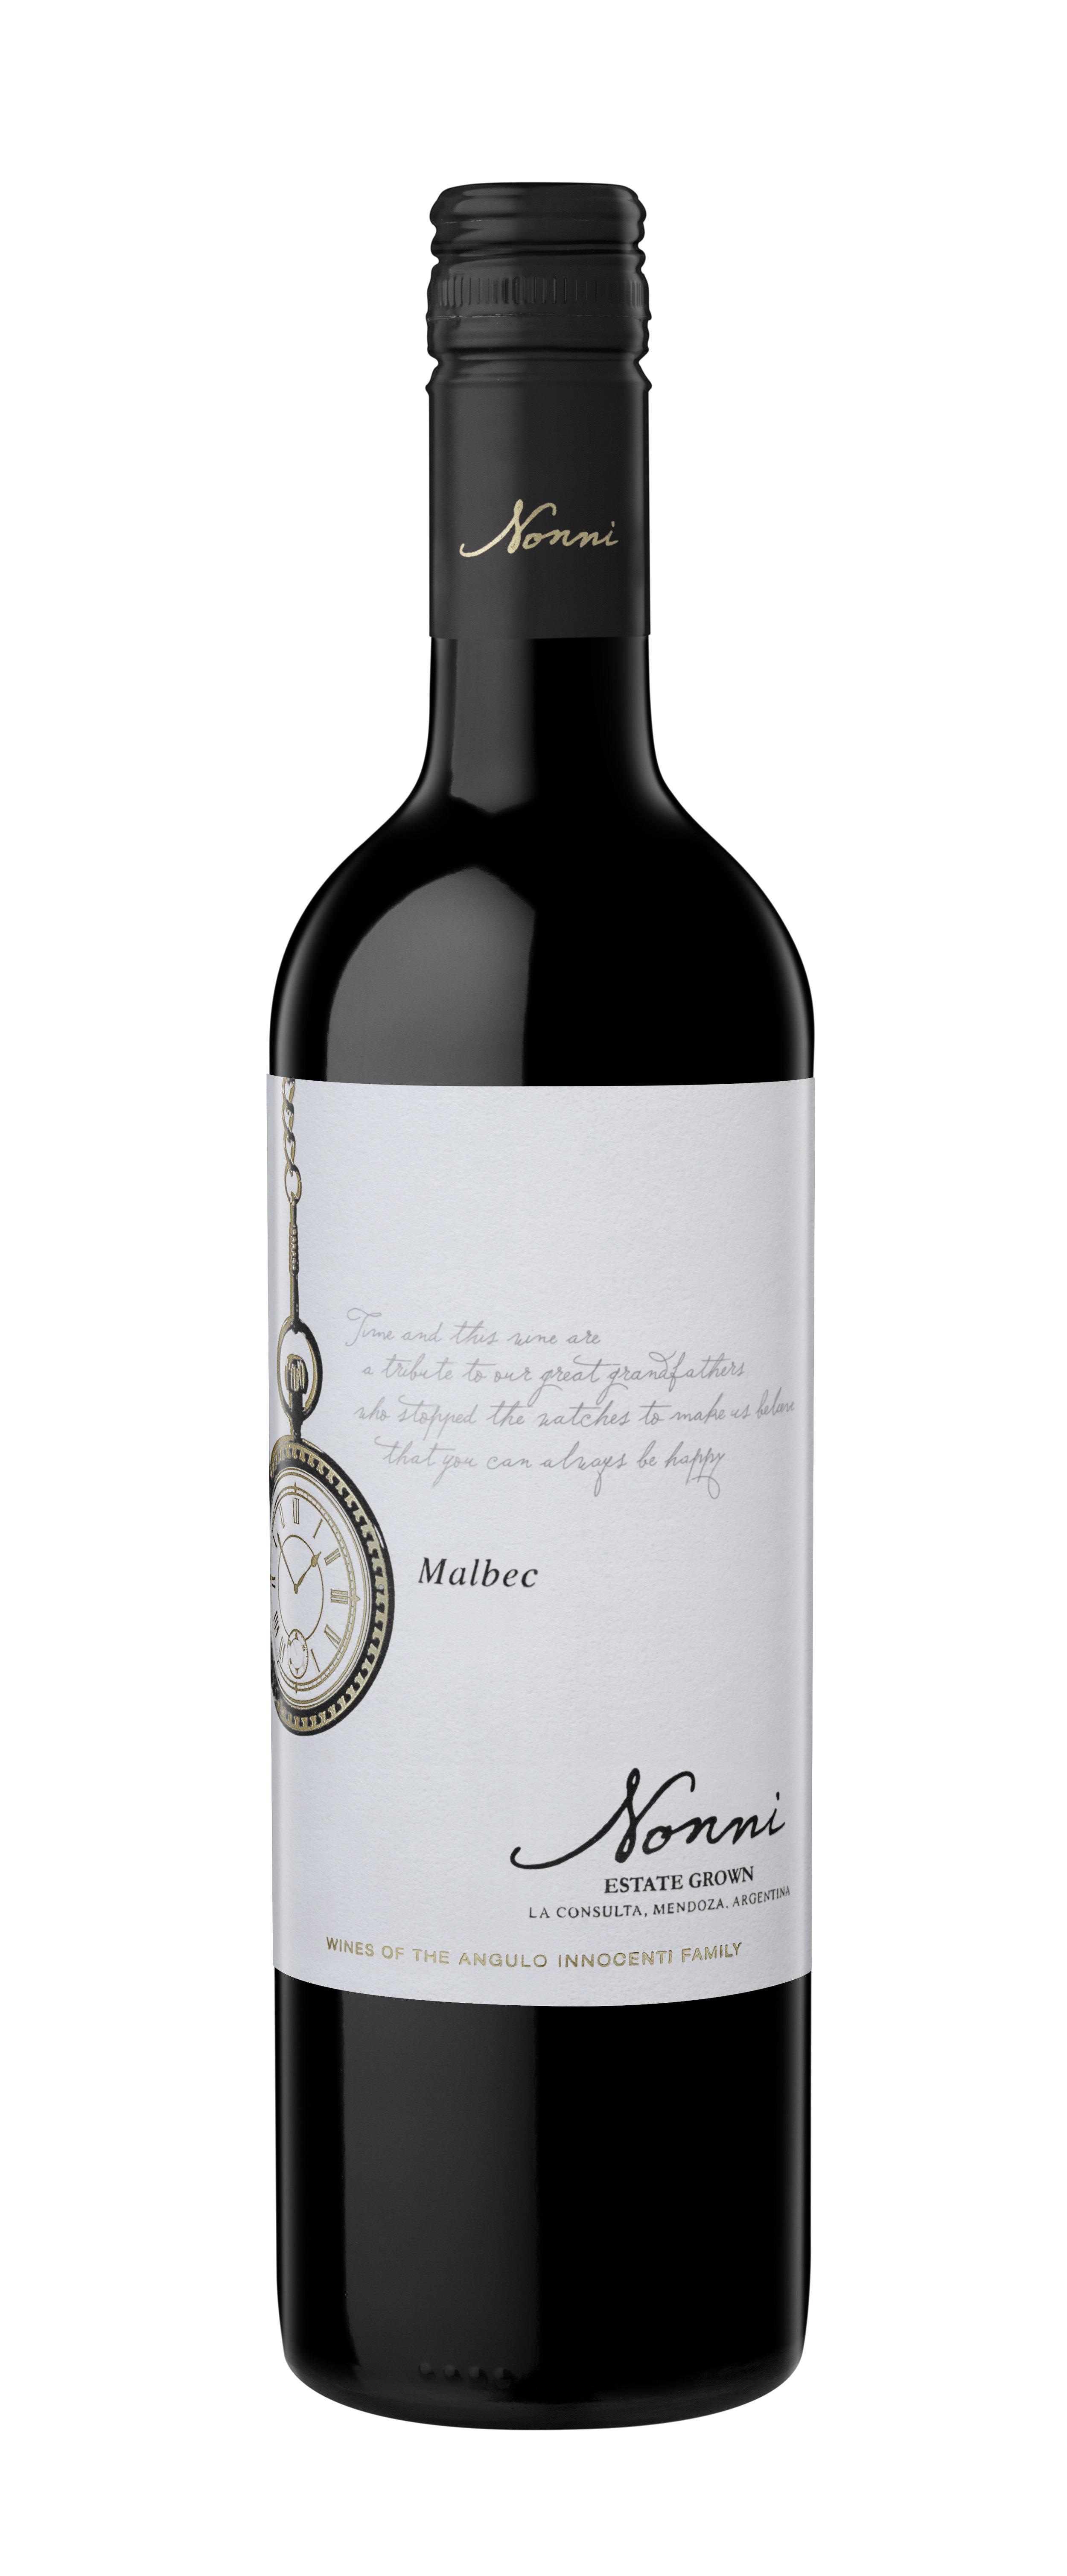 Angulo Innocenti Nonni Malbec Bottle.jpg